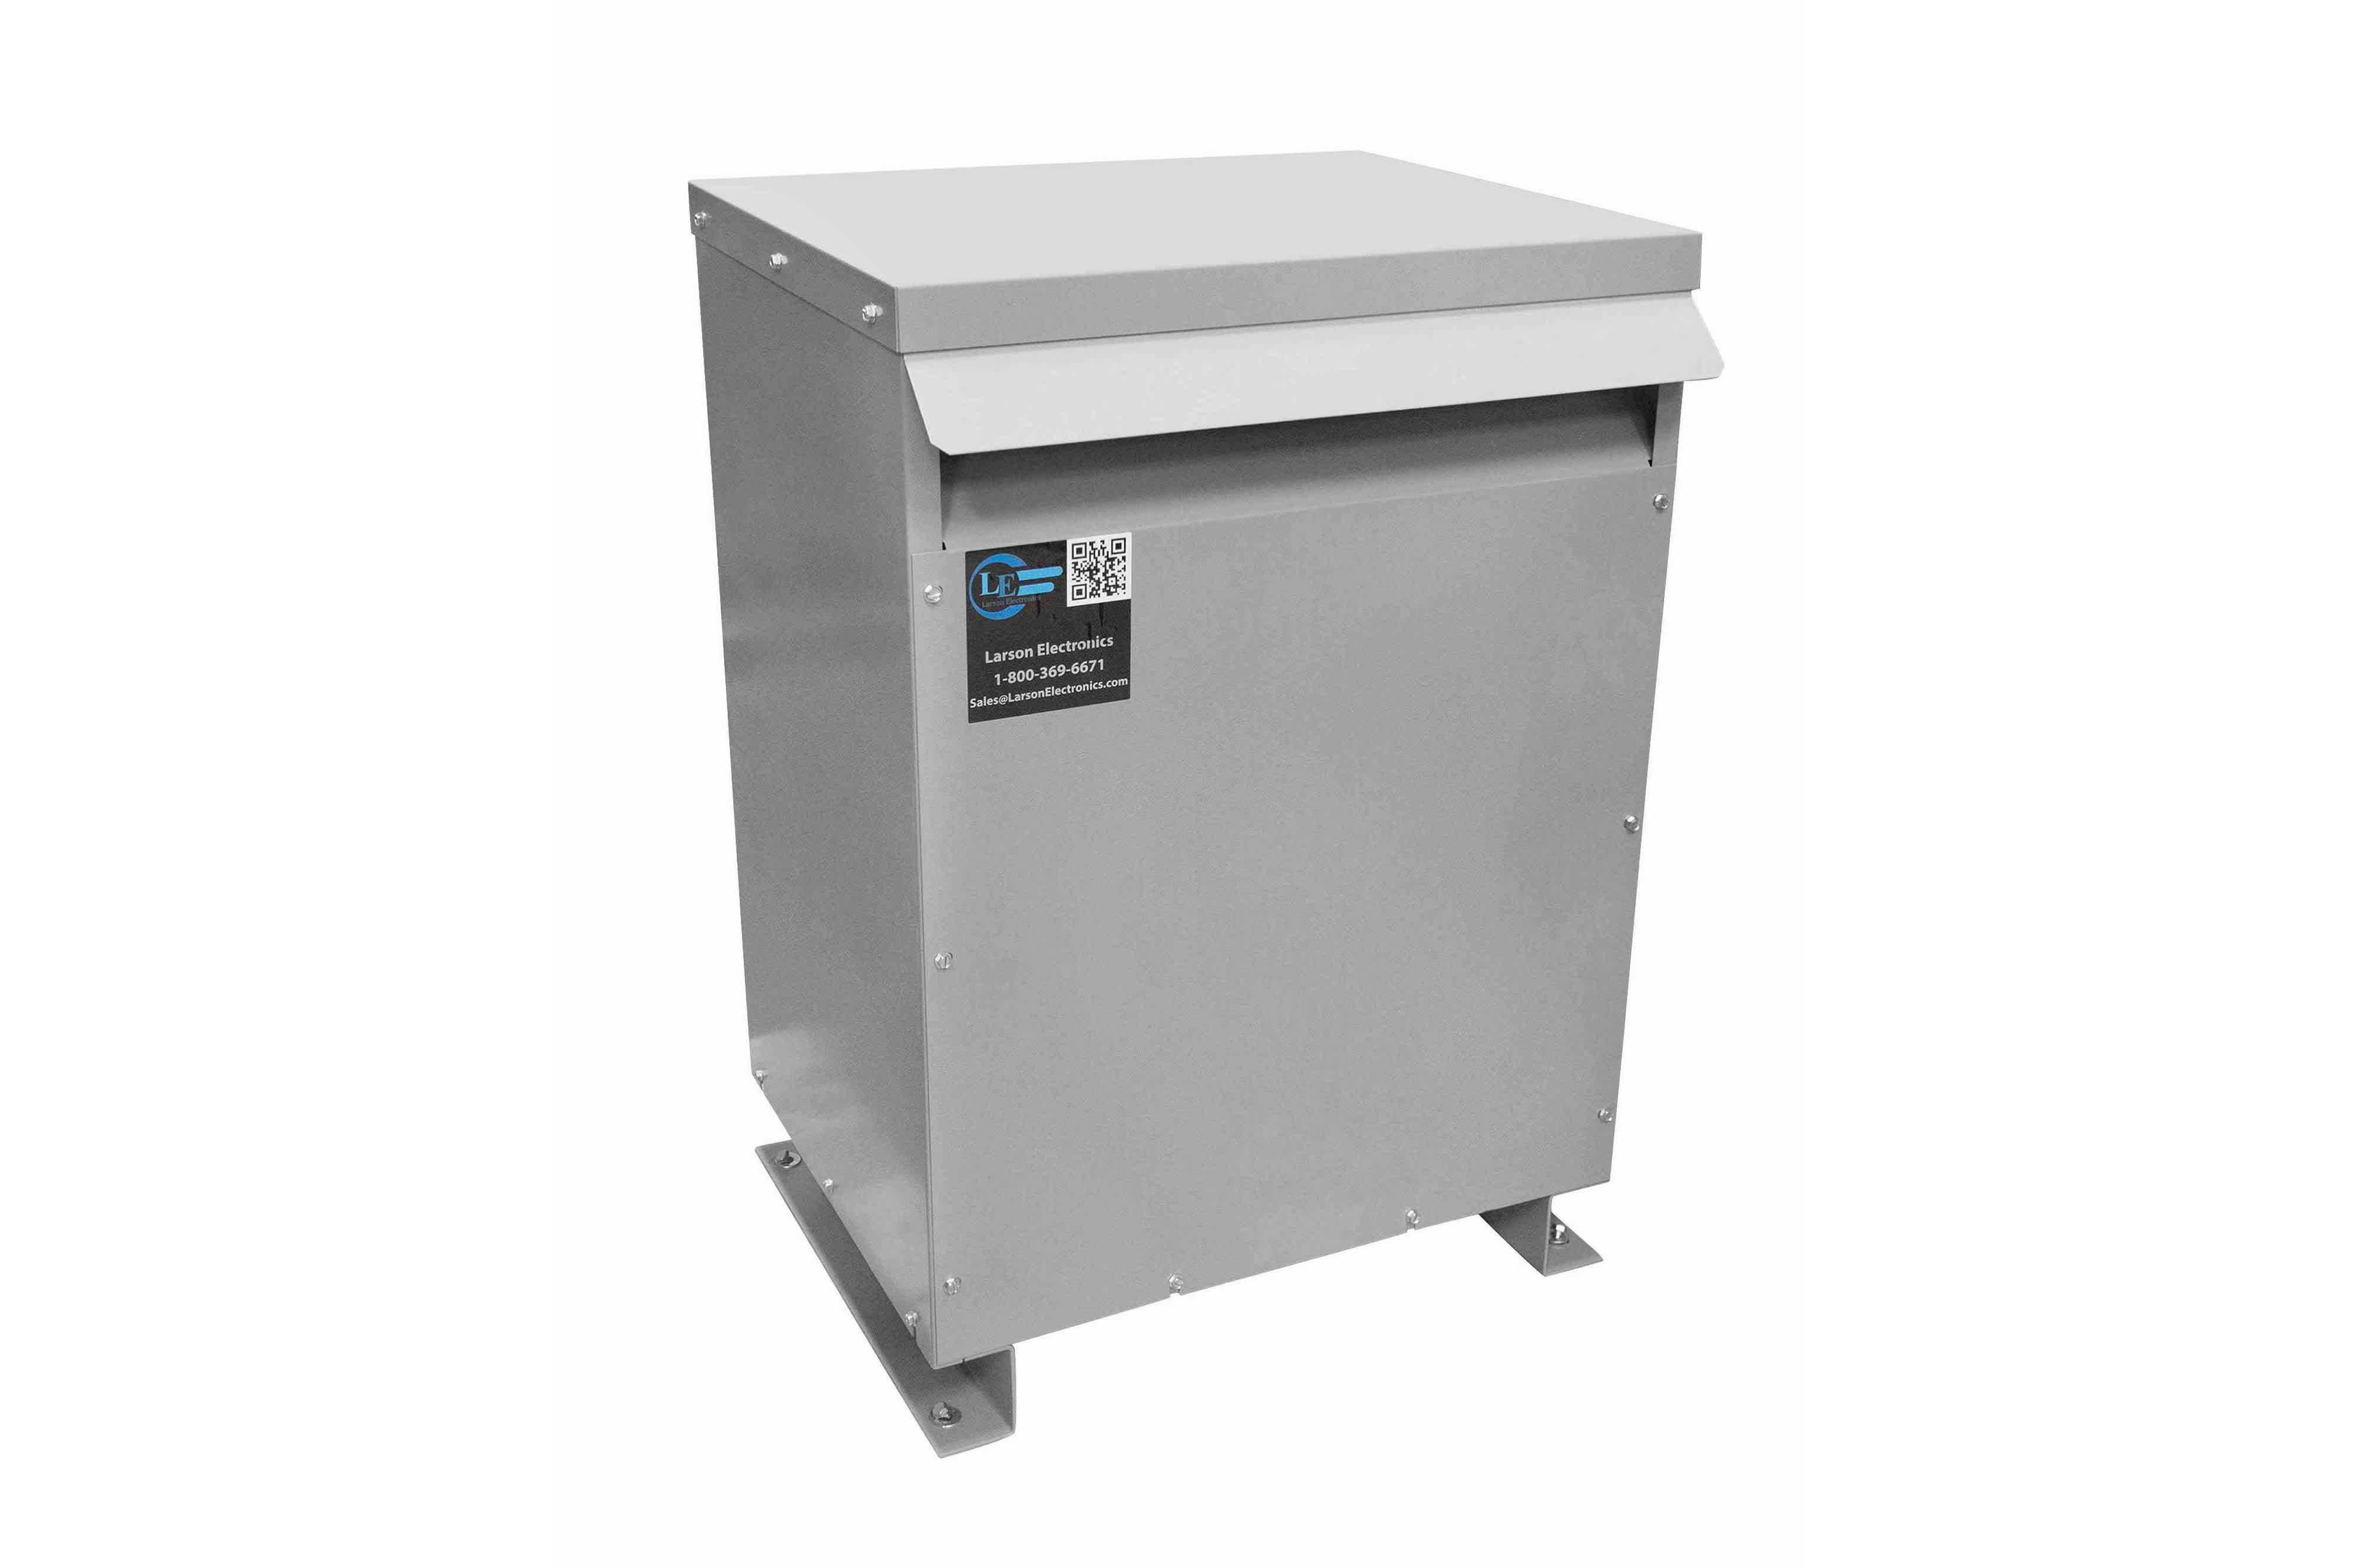 20 kVA 3PH Isolation Transformer, 415V Delta Primary, 480V Delta Secondary, N3R, Ventilated, 60 Hz